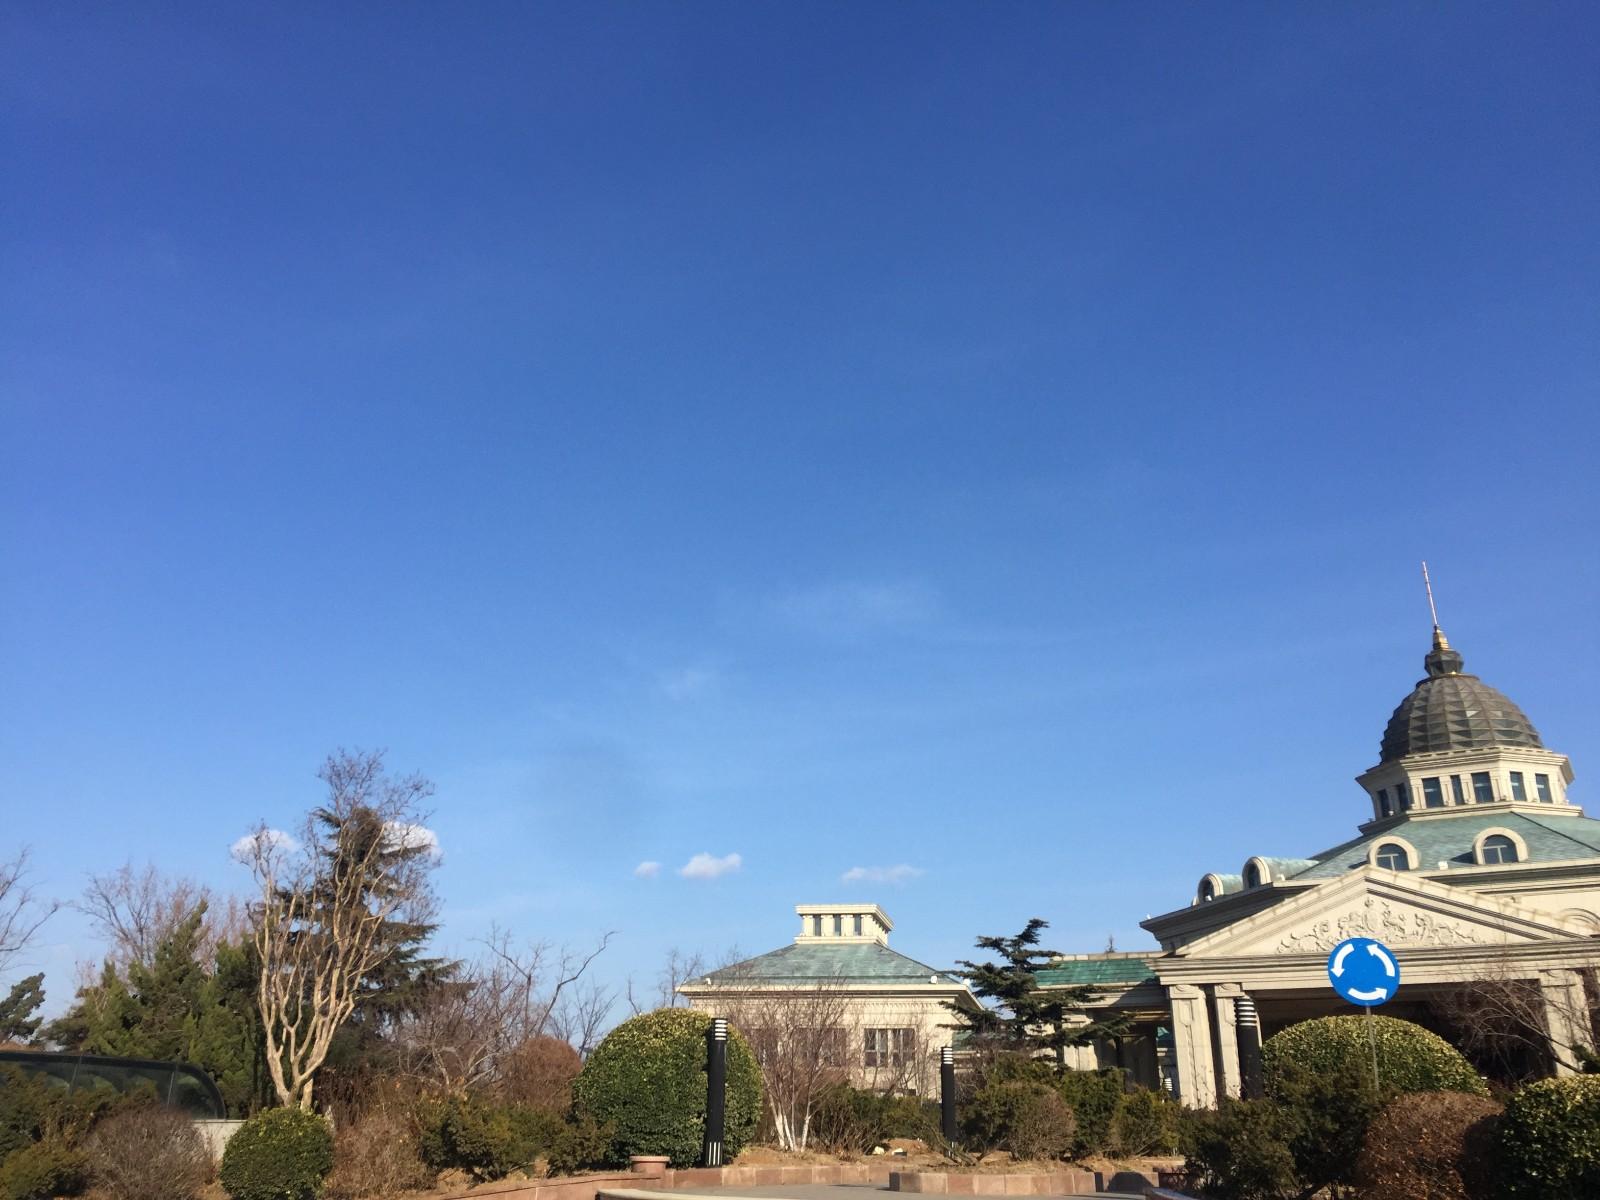 小平岛的天蔚蓝无比